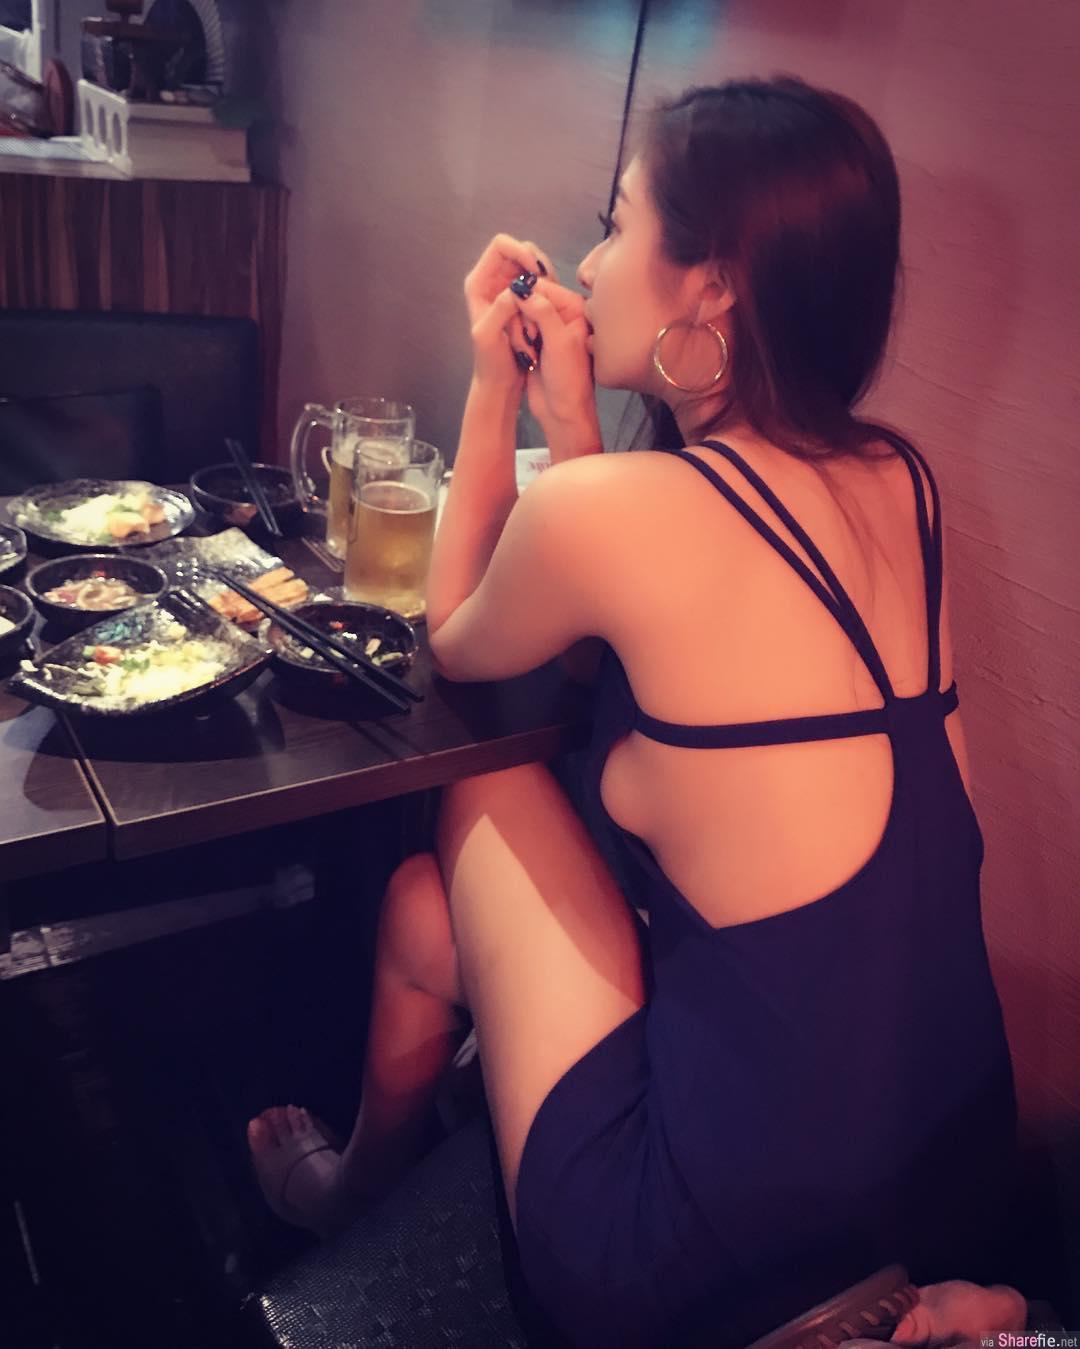 喝酒惊见对面女生衣服「超通风」 雪白美背...走到侧身画面太美让人无法直视